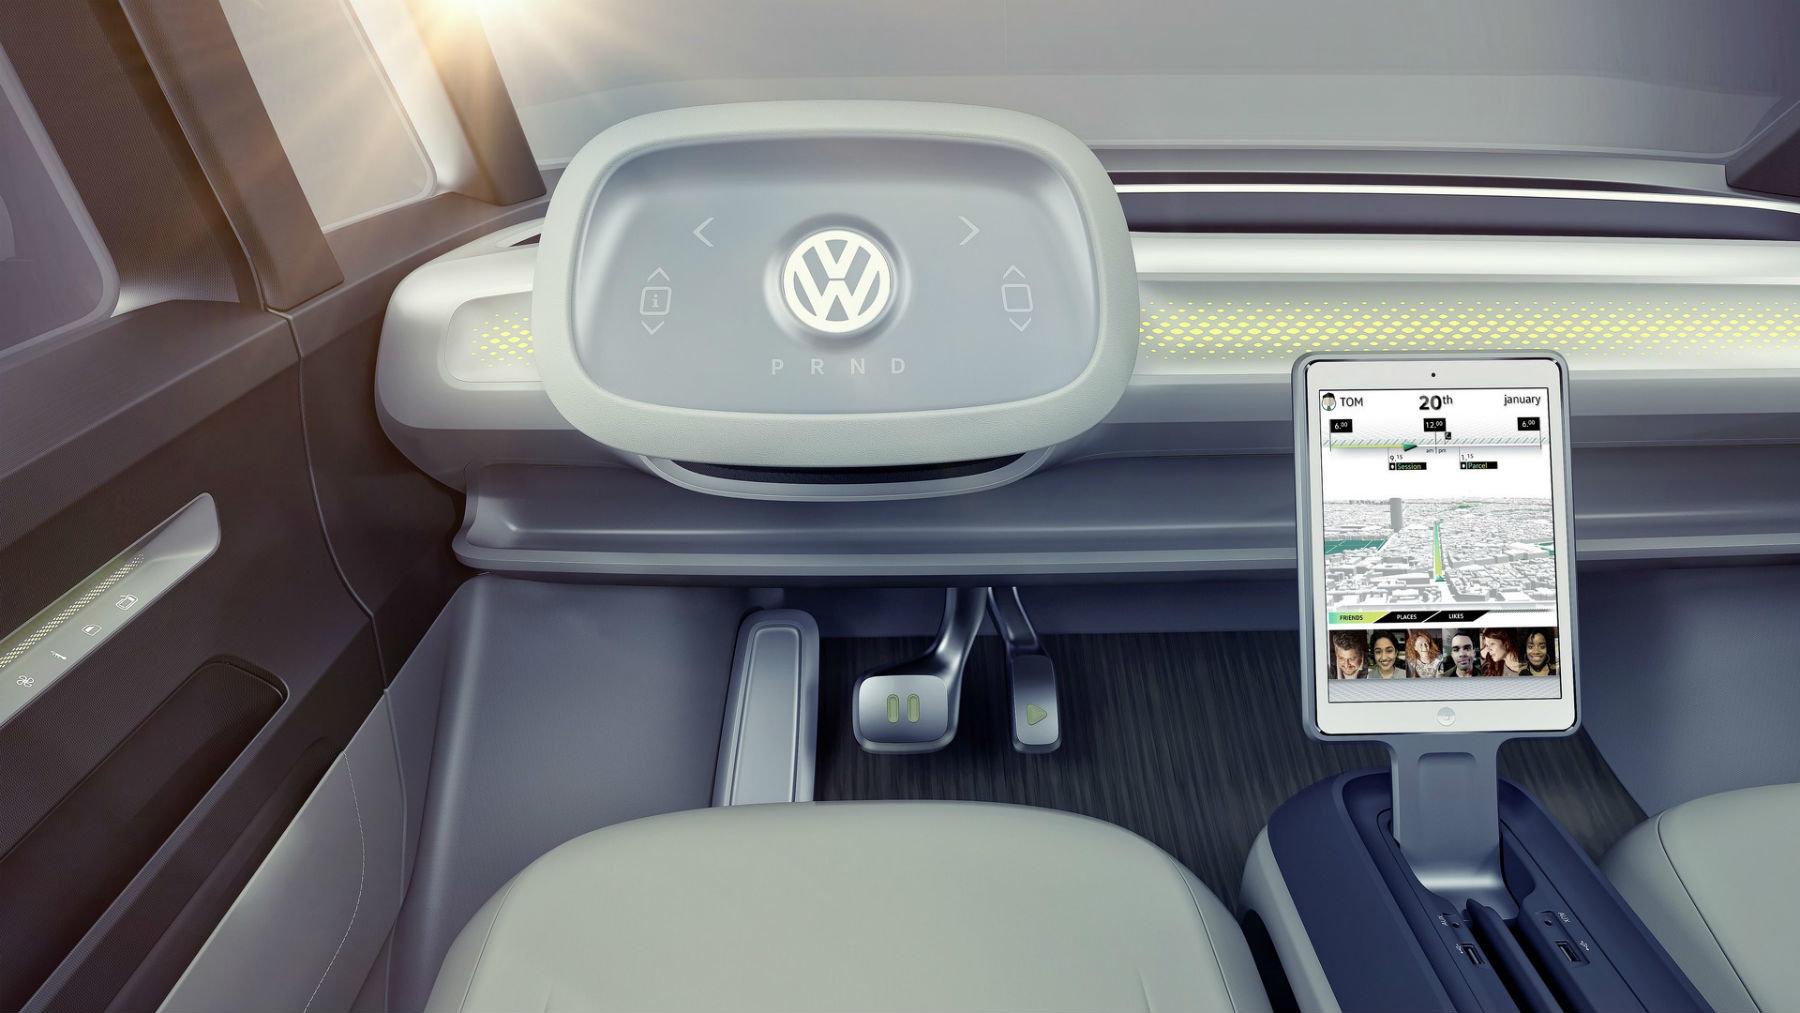 Volkswagen I.D. Buzz-11-01-2017 (5)